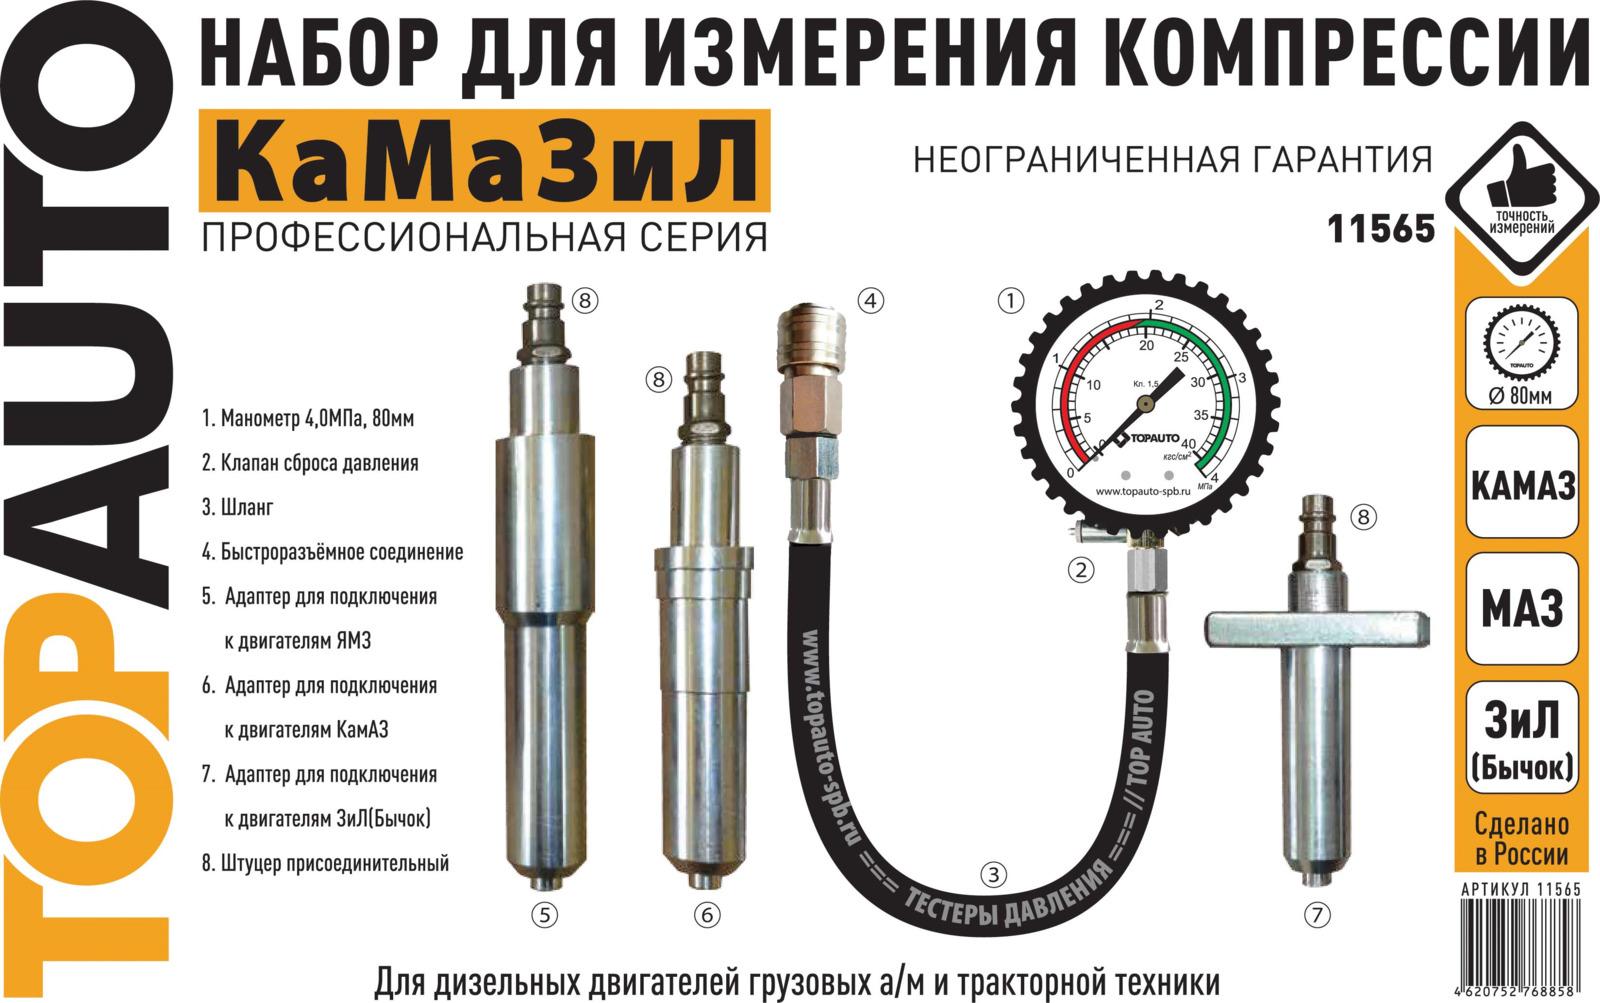 Фото - Набор для измерения компрессии Топ Авто Про Камазил(для КАМАЗ, МАЗ, ЗИЛ (Бычок)), 11565, с быстроразъемным соединением авто